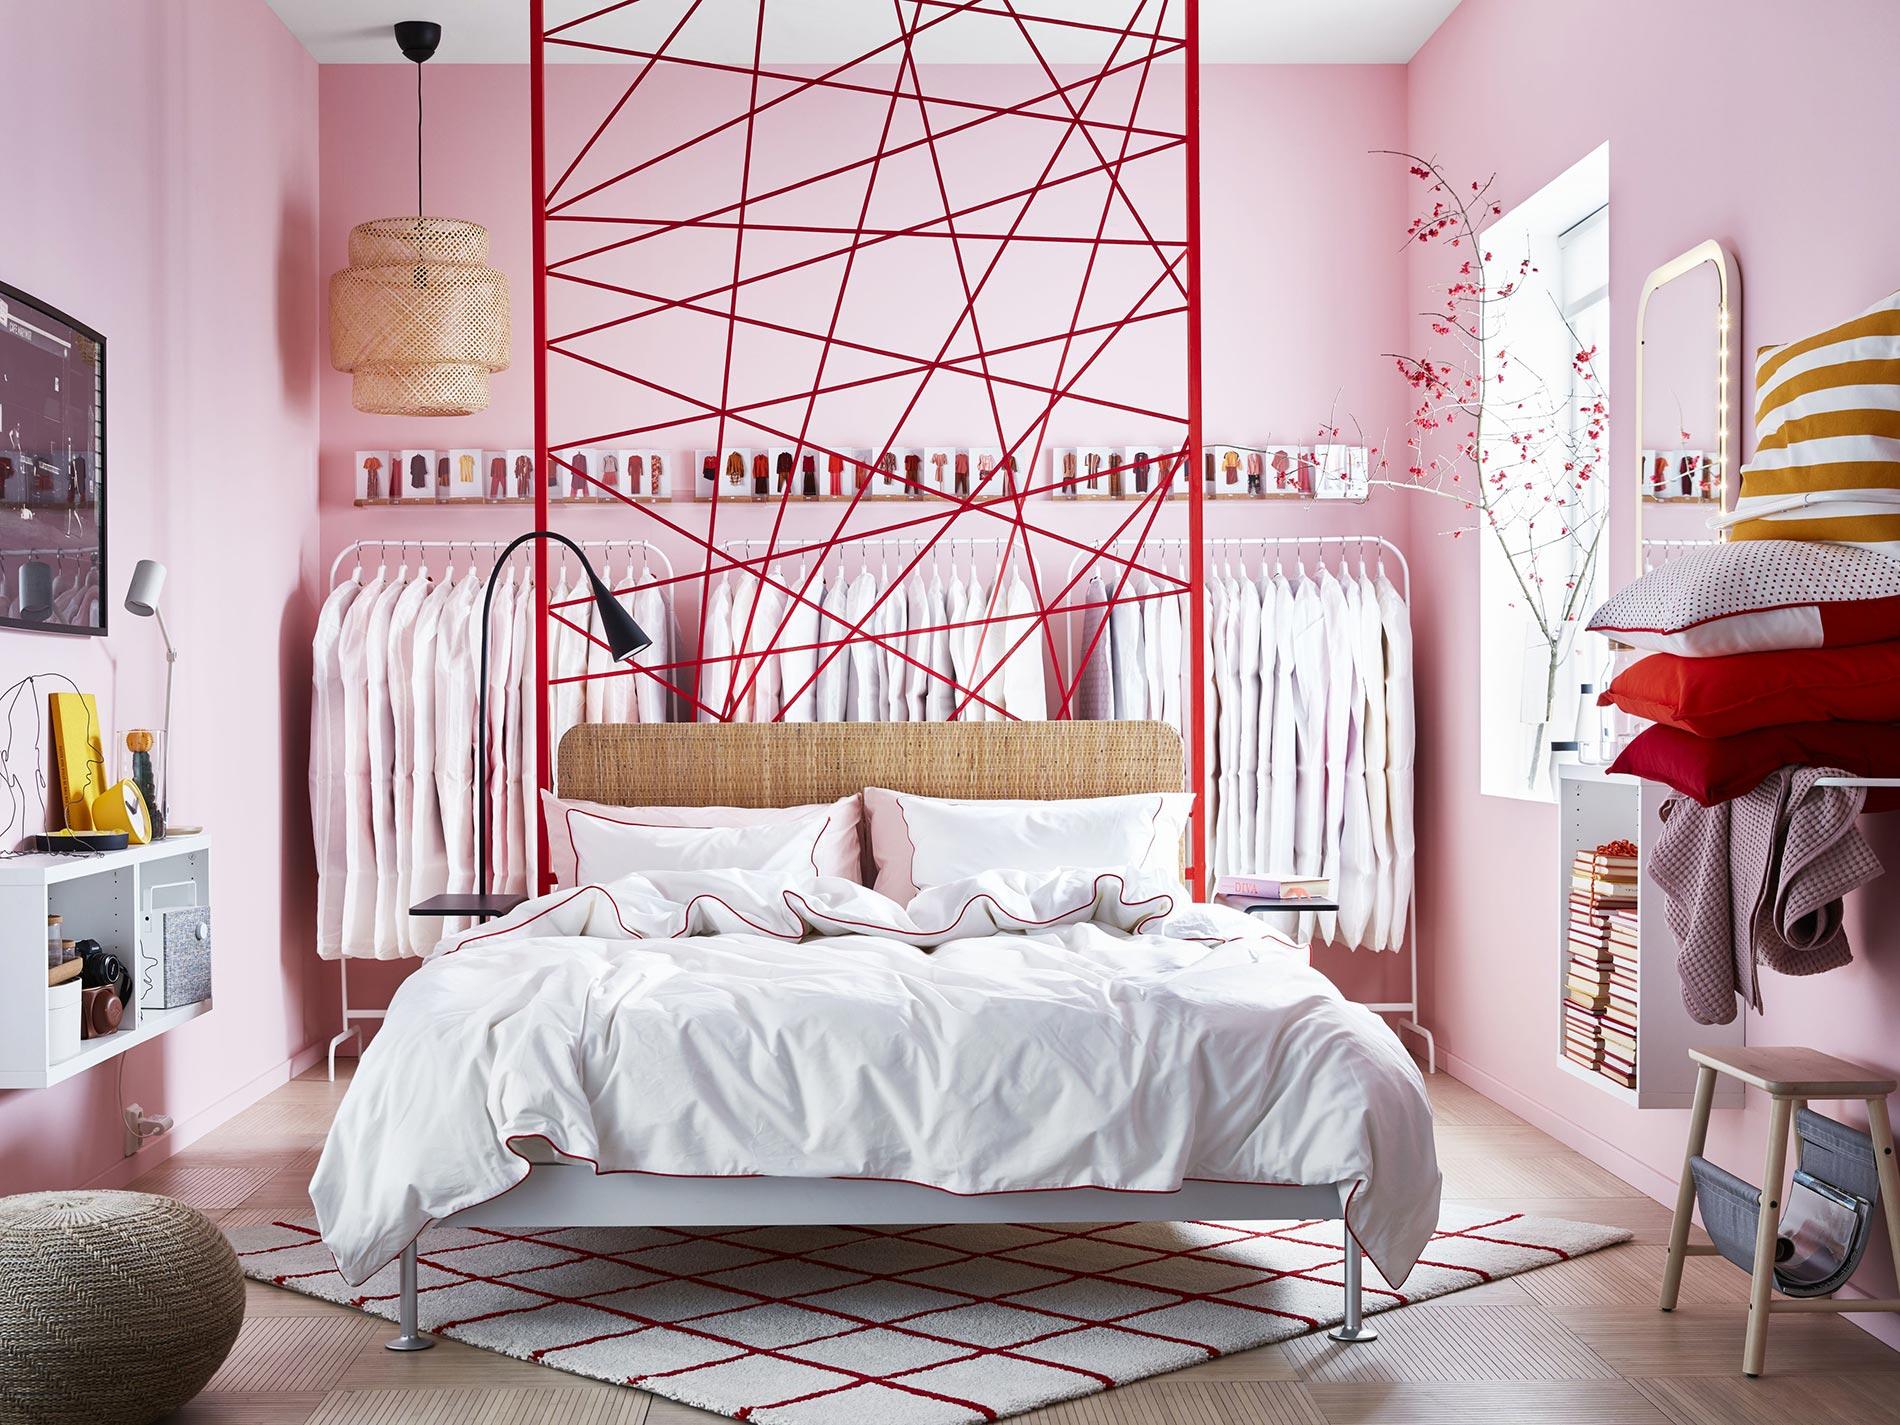 ispirazioni per la parete dietro il letto